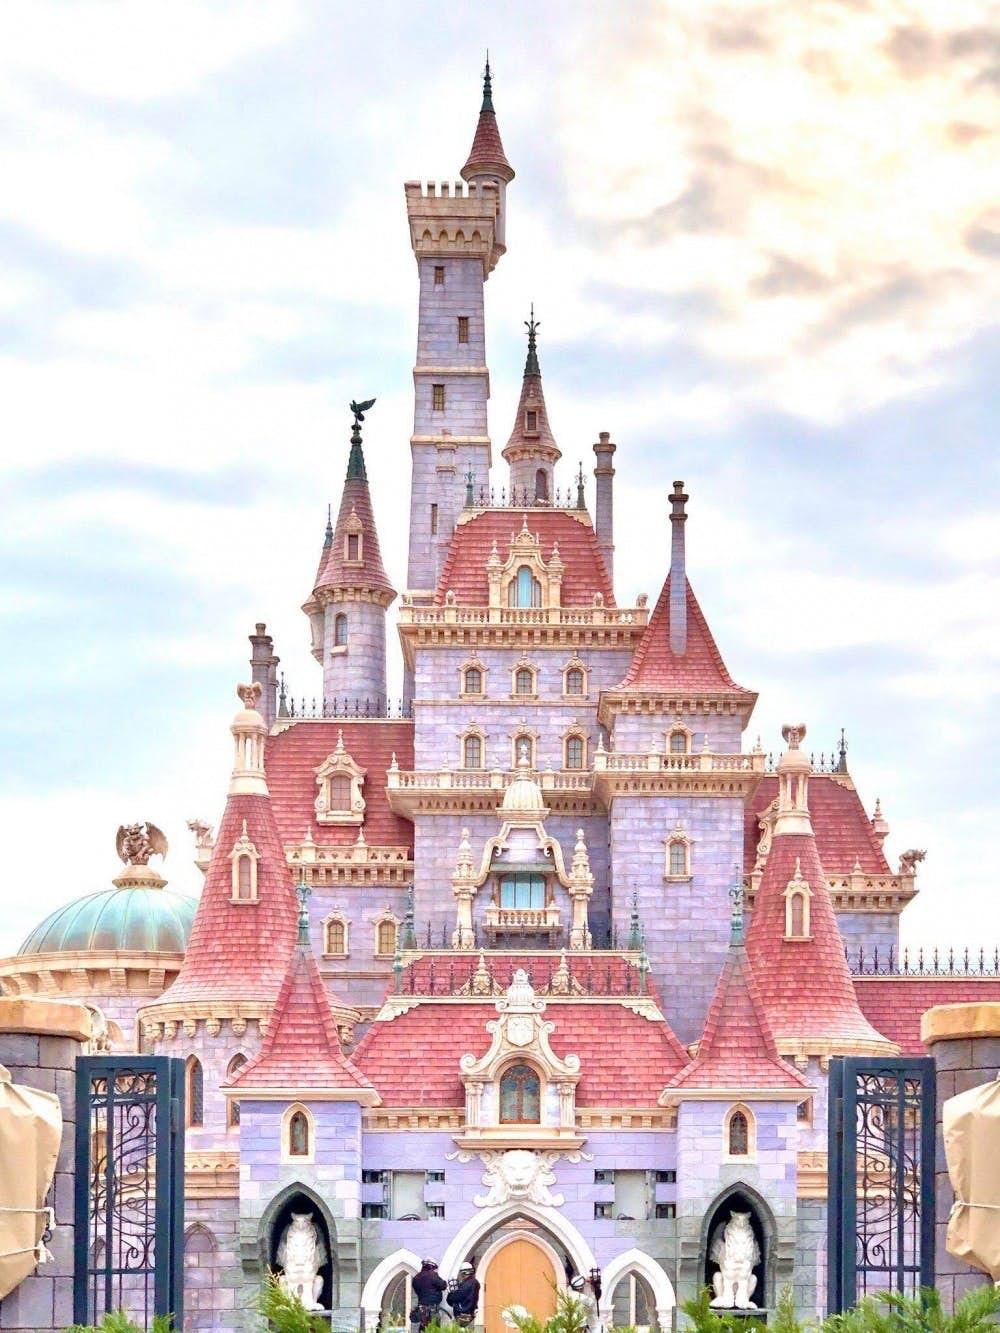 如果大家等不及「灰姑娘城堡」,可以先到東京迪士尼絕美粉色《美女與野獸》的公主城堡打卡